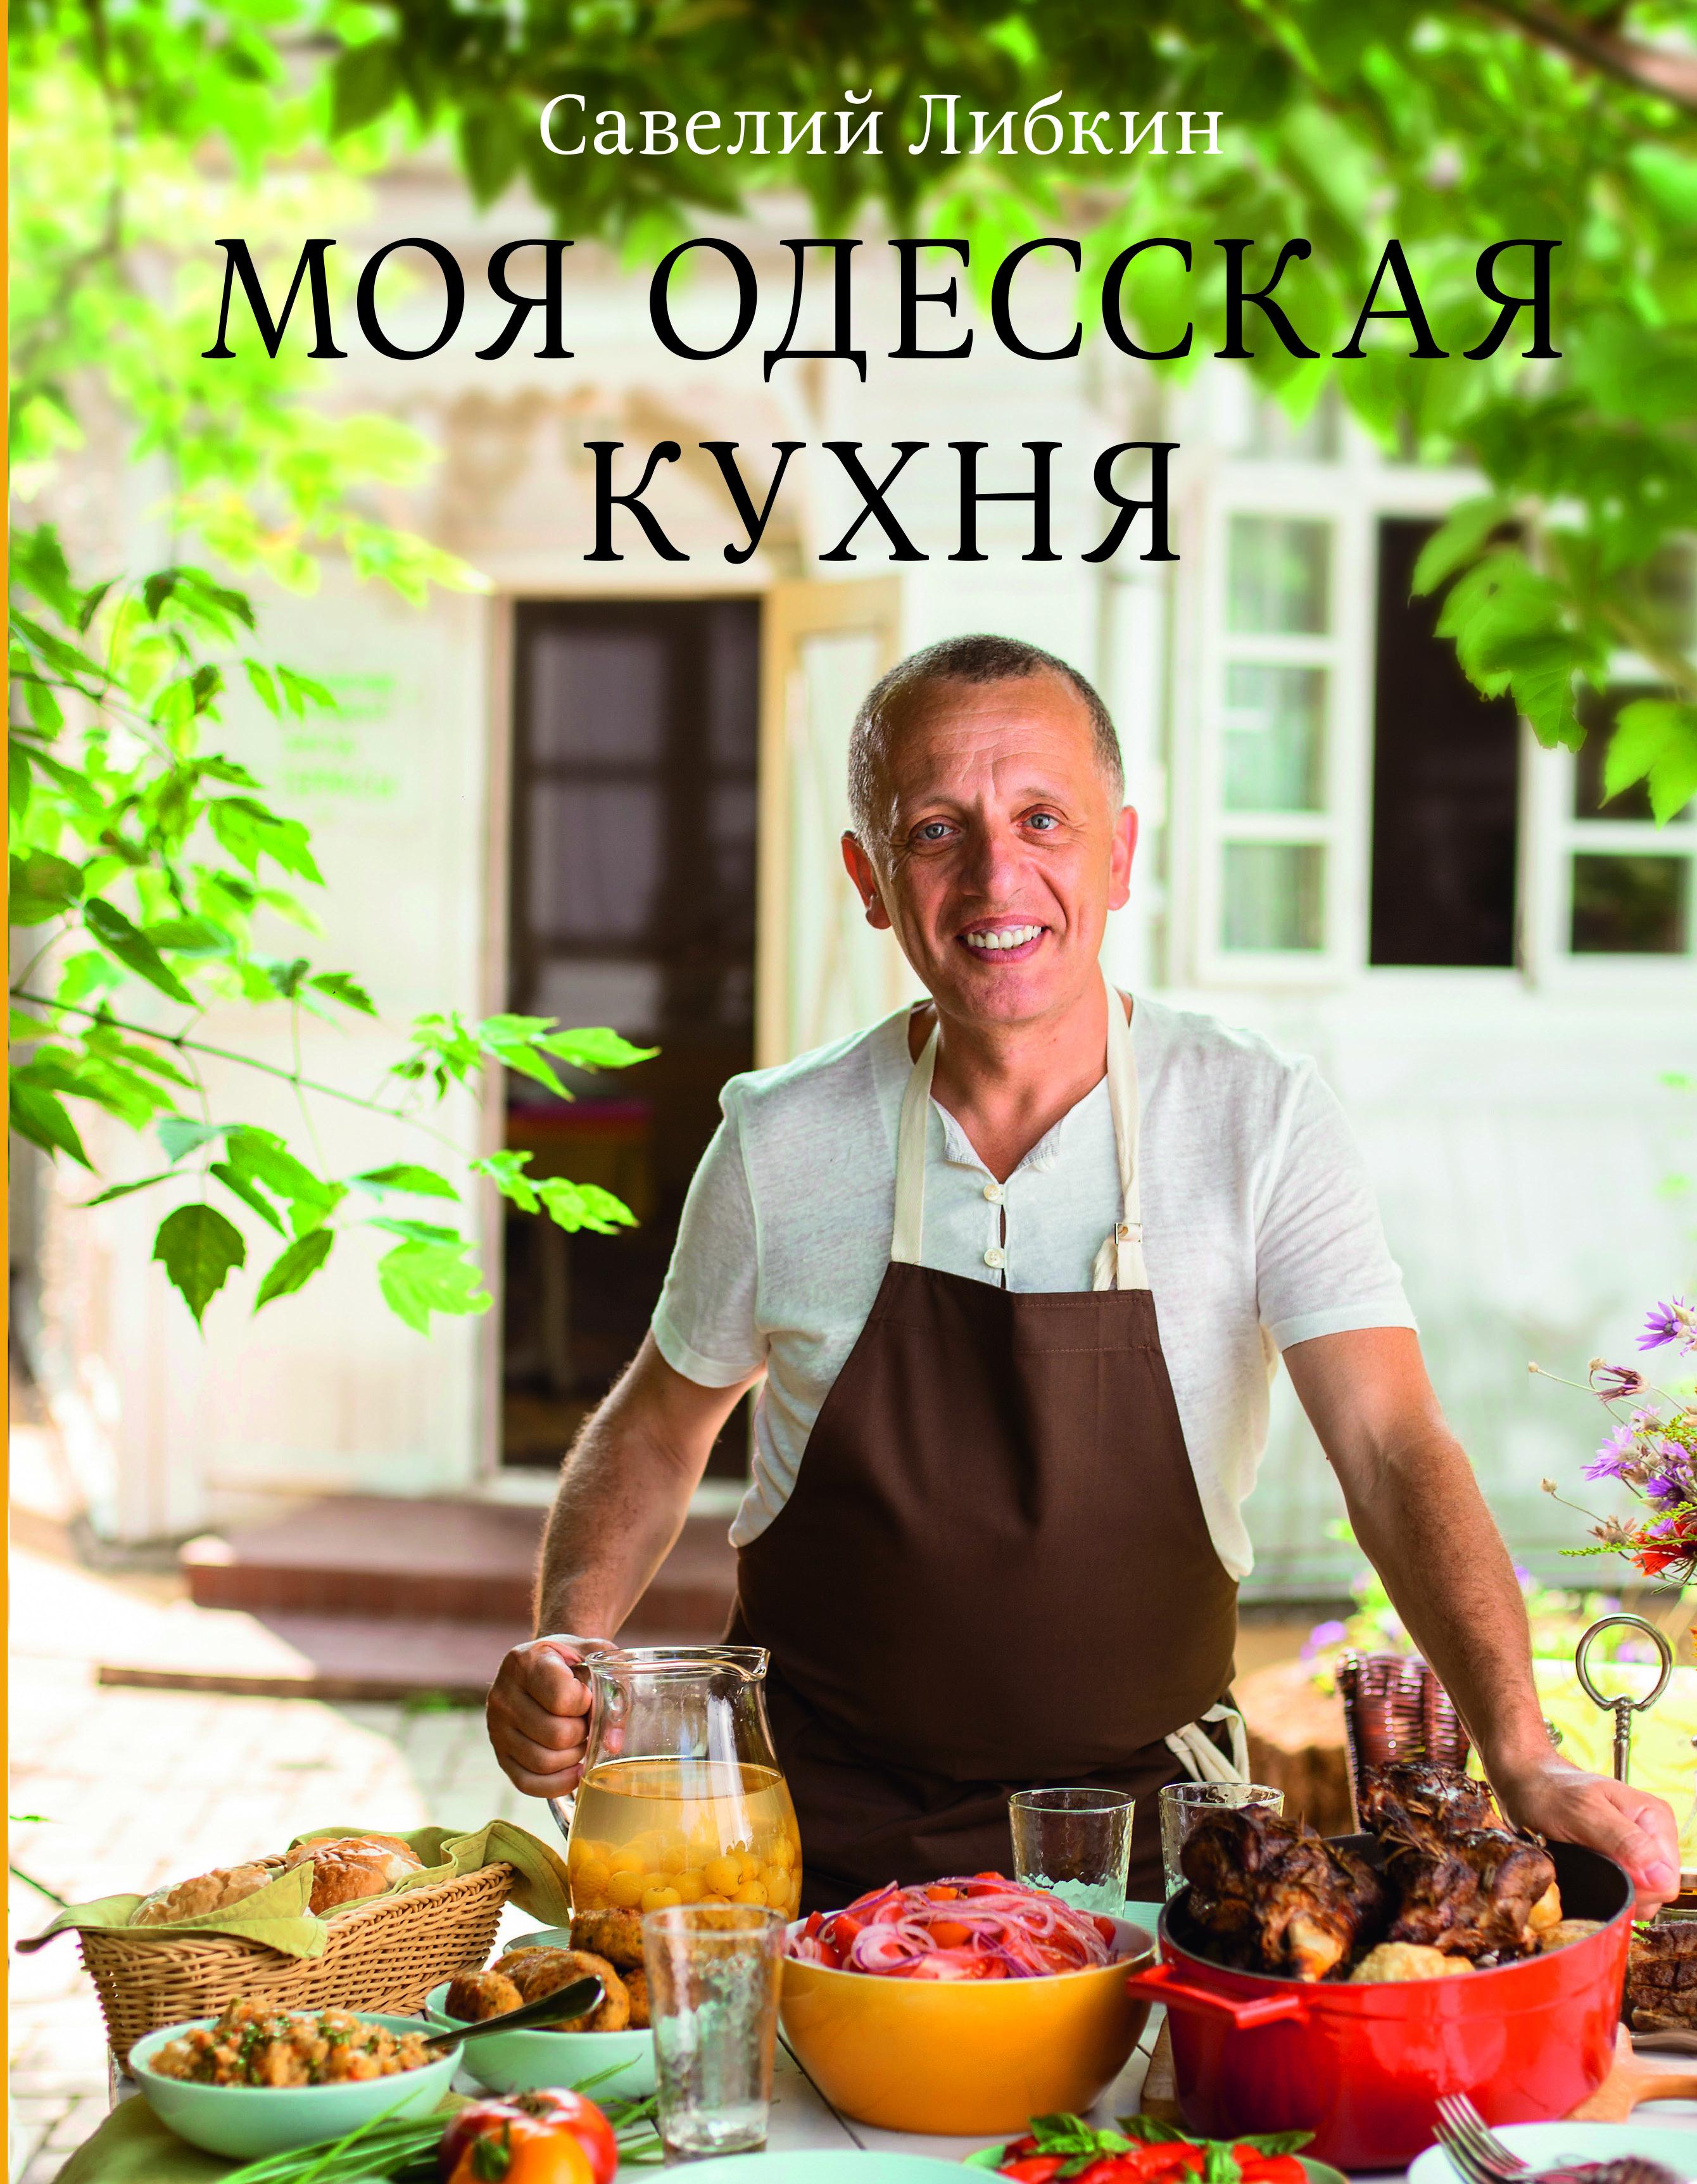 Де можна купити найкращі кулінарні книги?